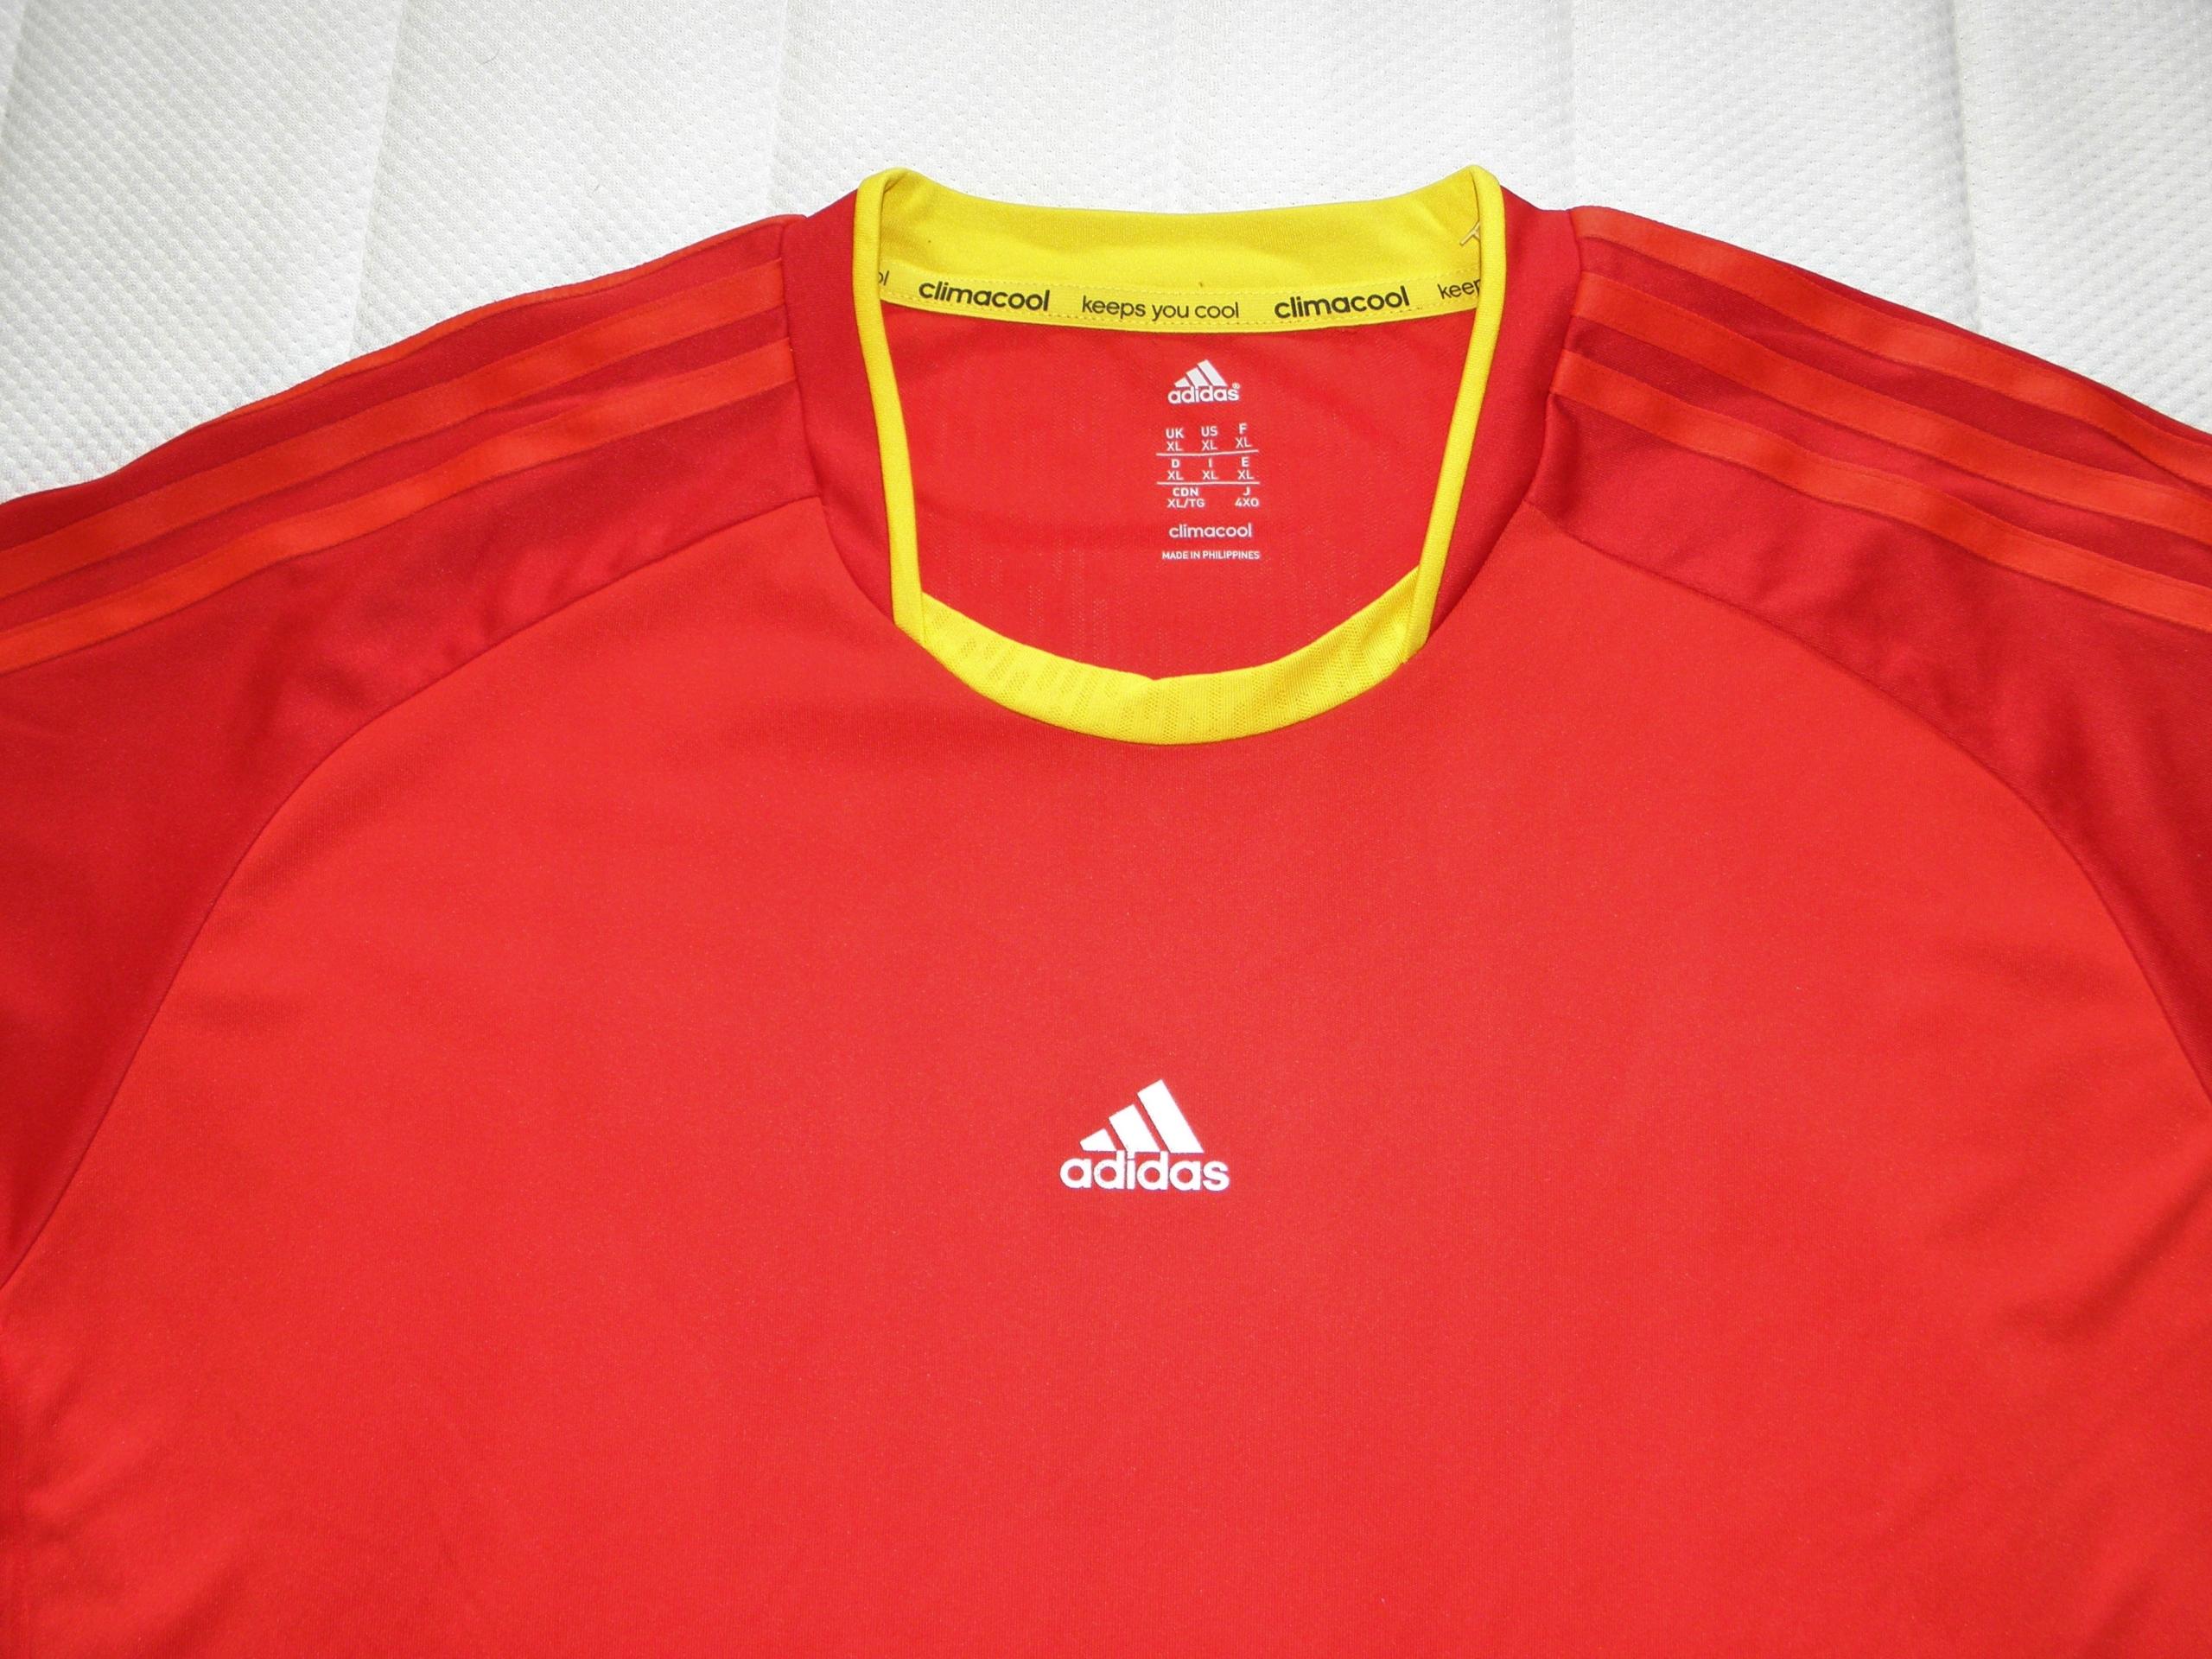 ADIDAS Clima Cool koszulka sportowa_rozm XL